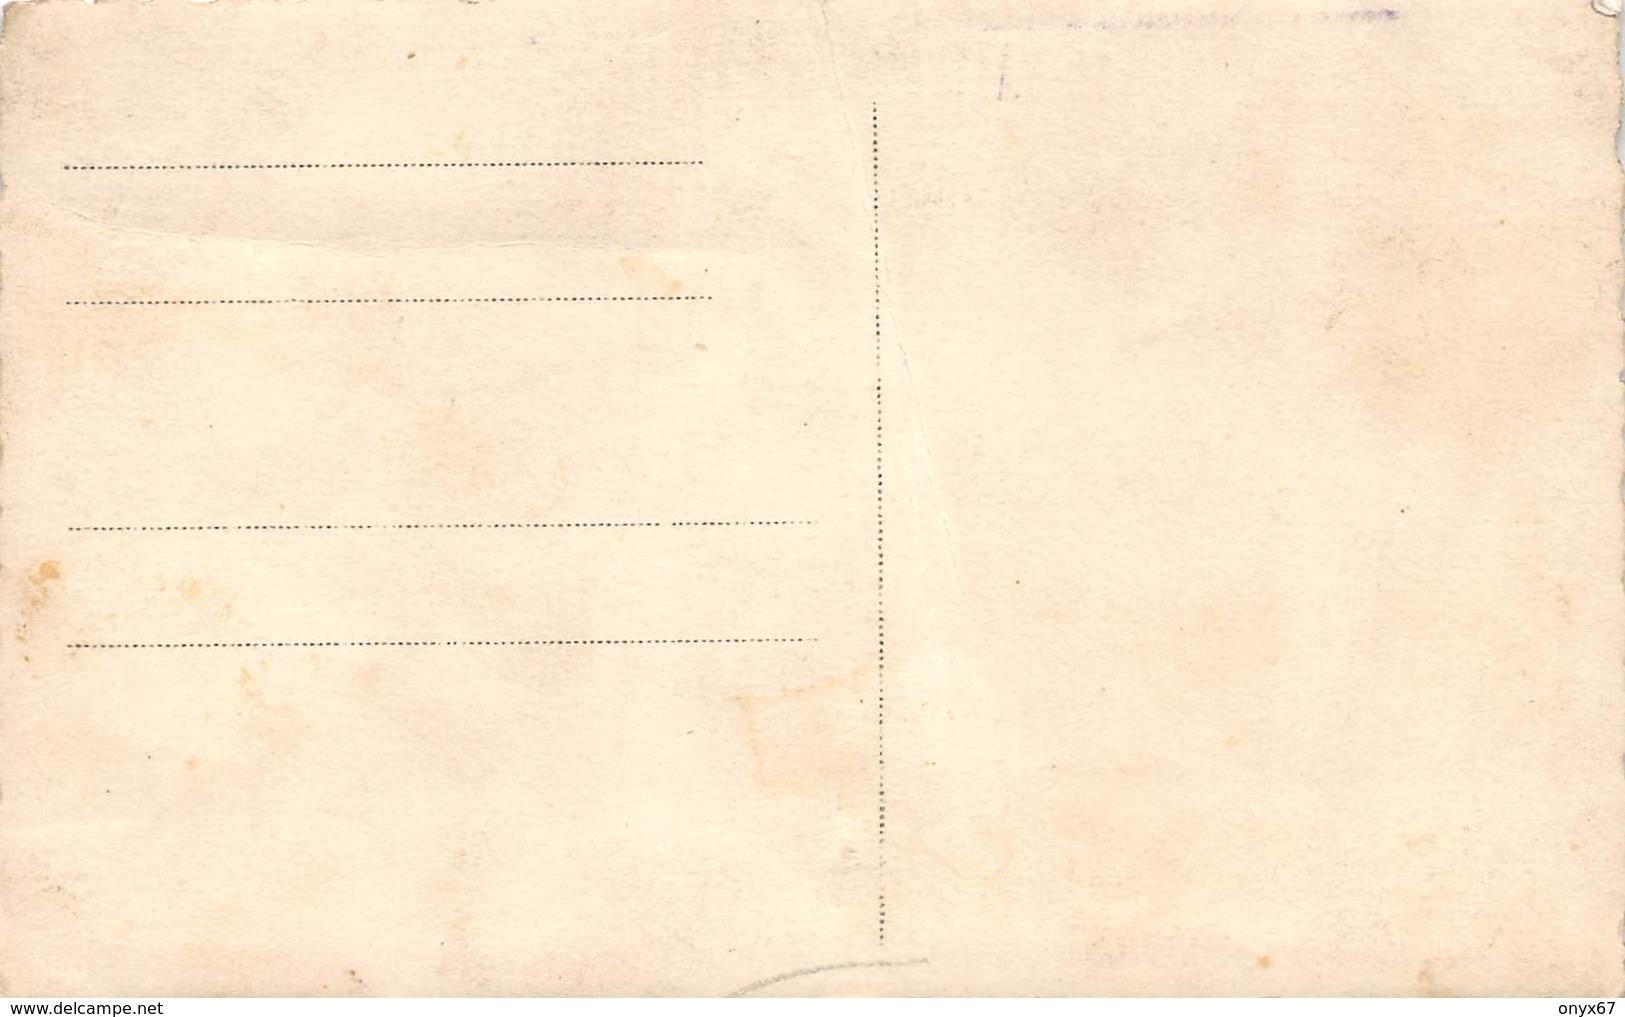 """Carte Postale Photo Militaire Montage AVION Fictif """"EUROPA"""" Königswinter Rhein Allemagne (Deutschland) BATEAU-PENICHE - Koenigswinter"""